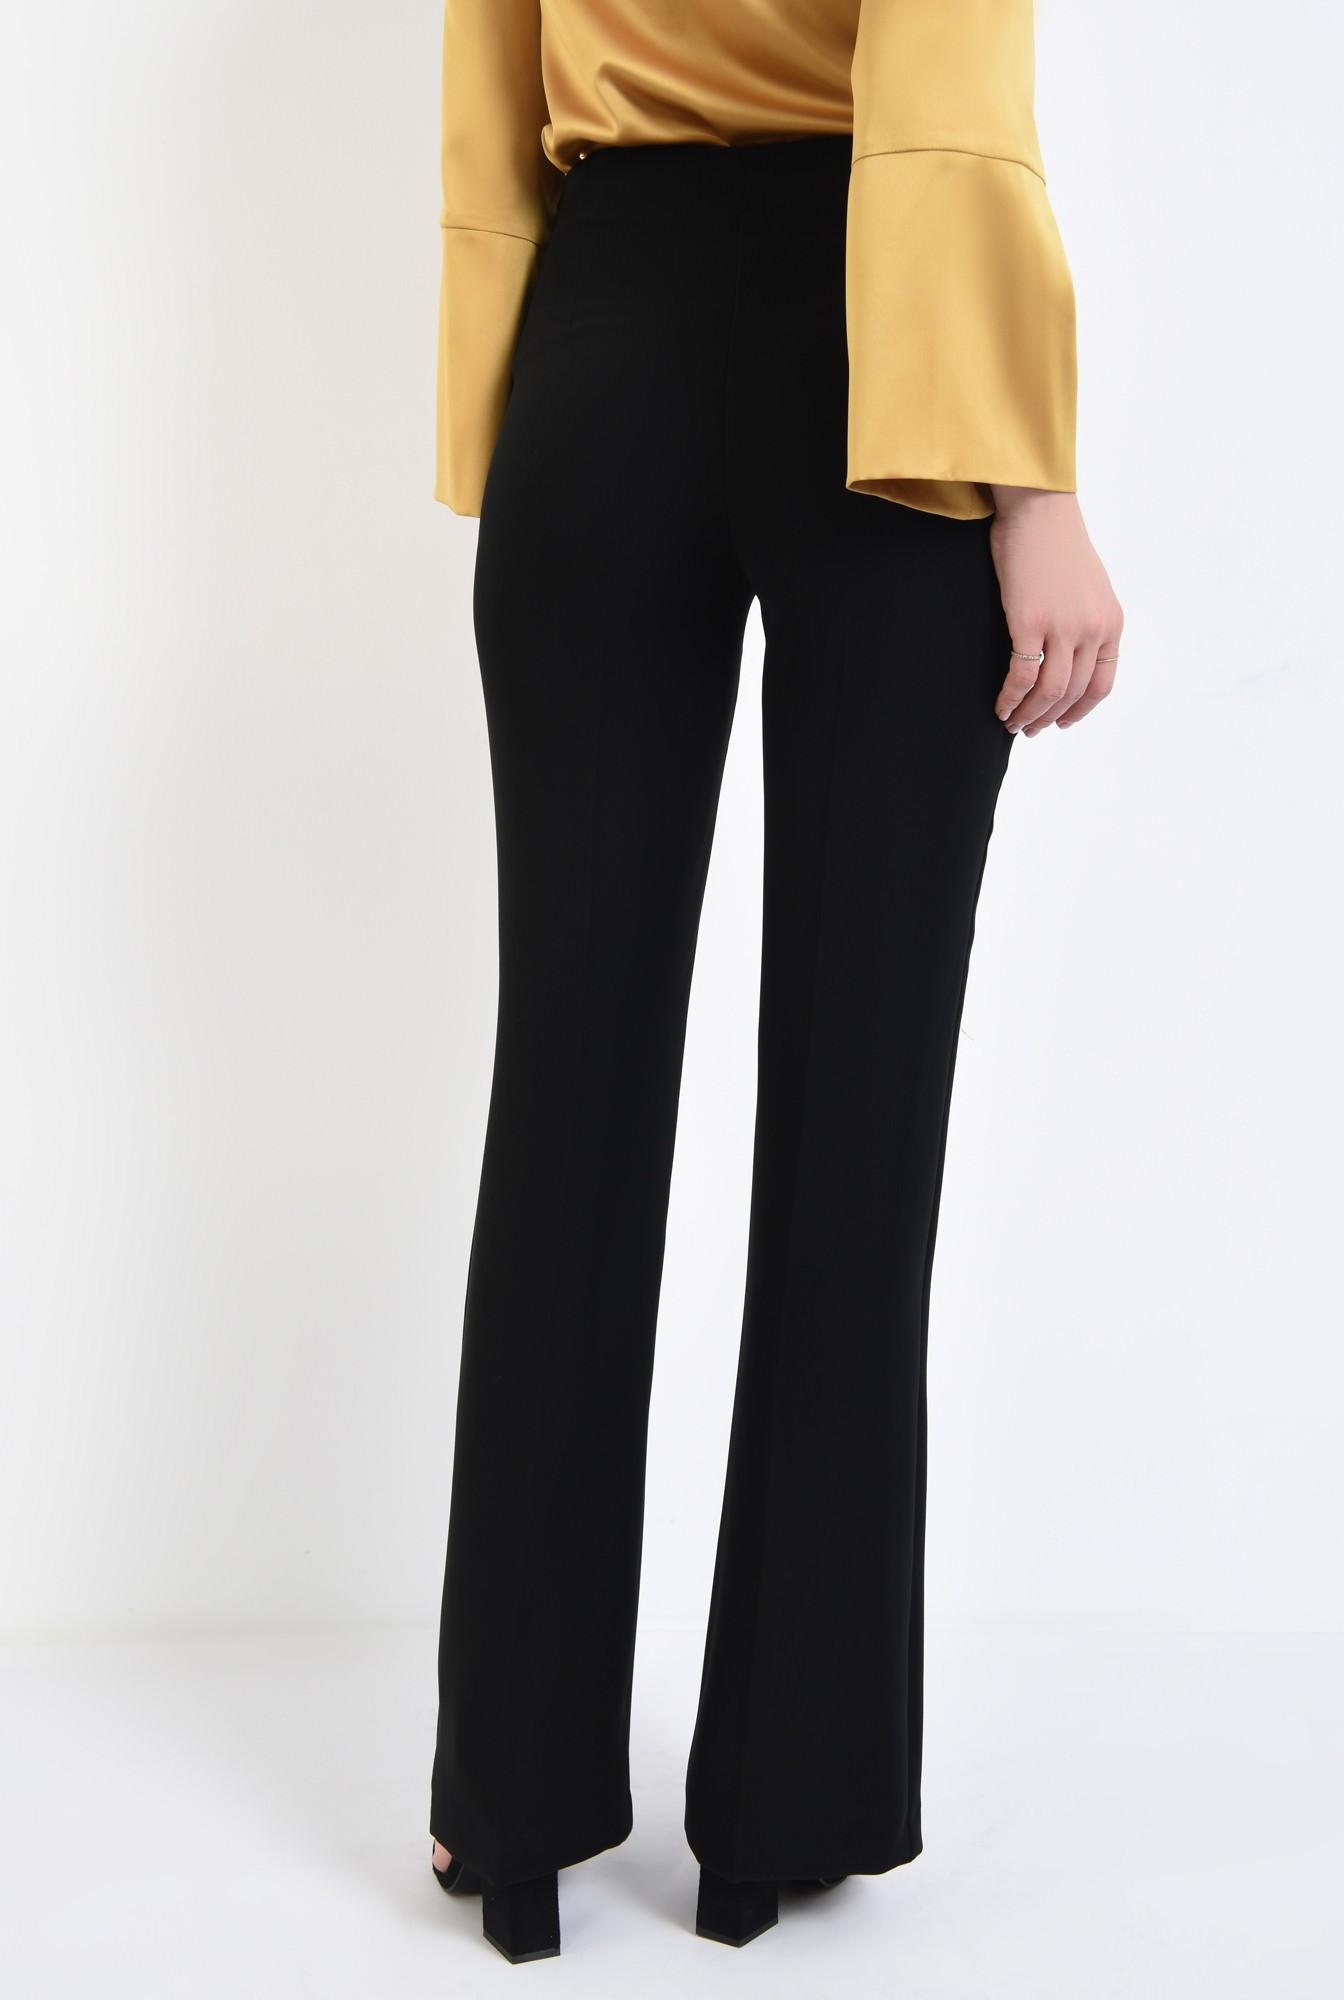 1 - Pantaloni eleganti, negri